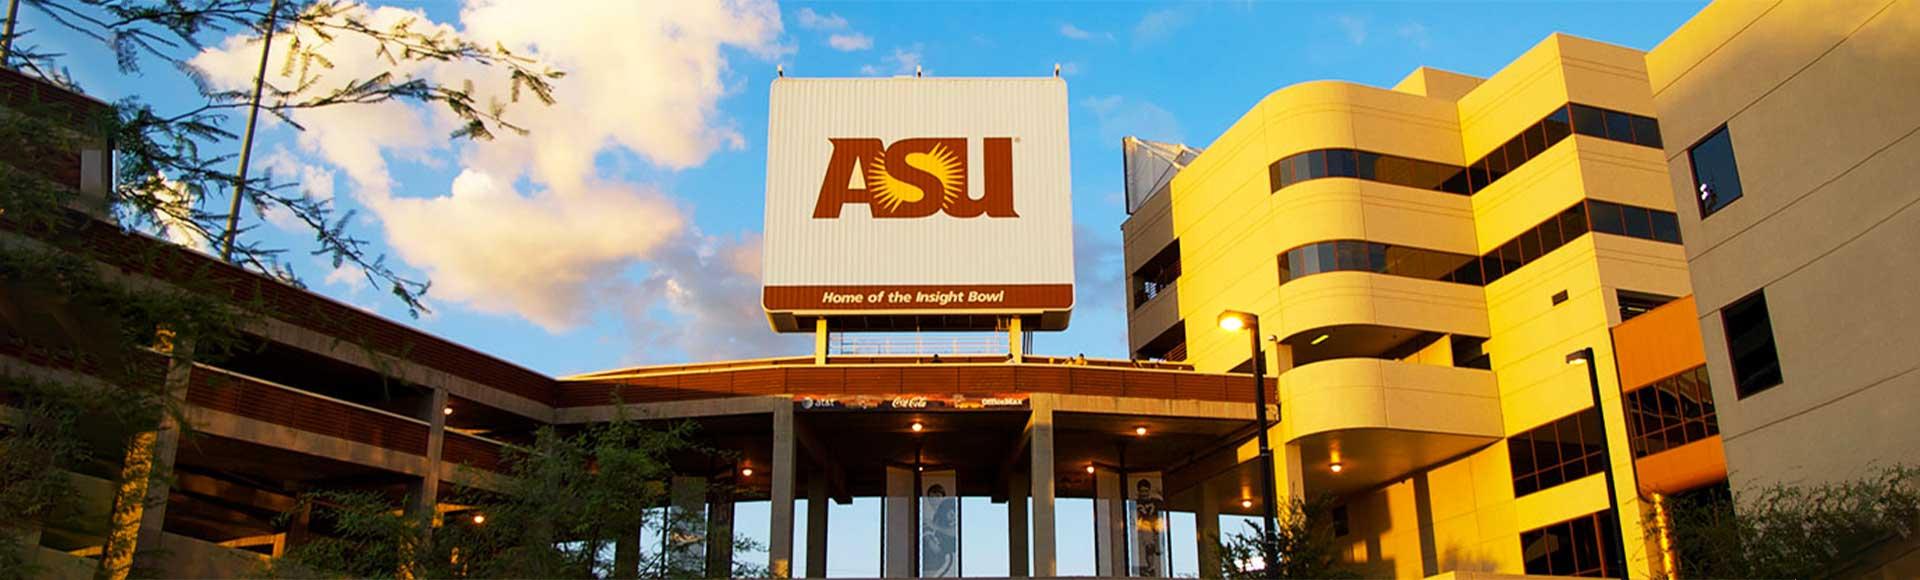 arizona-state-university.jpg